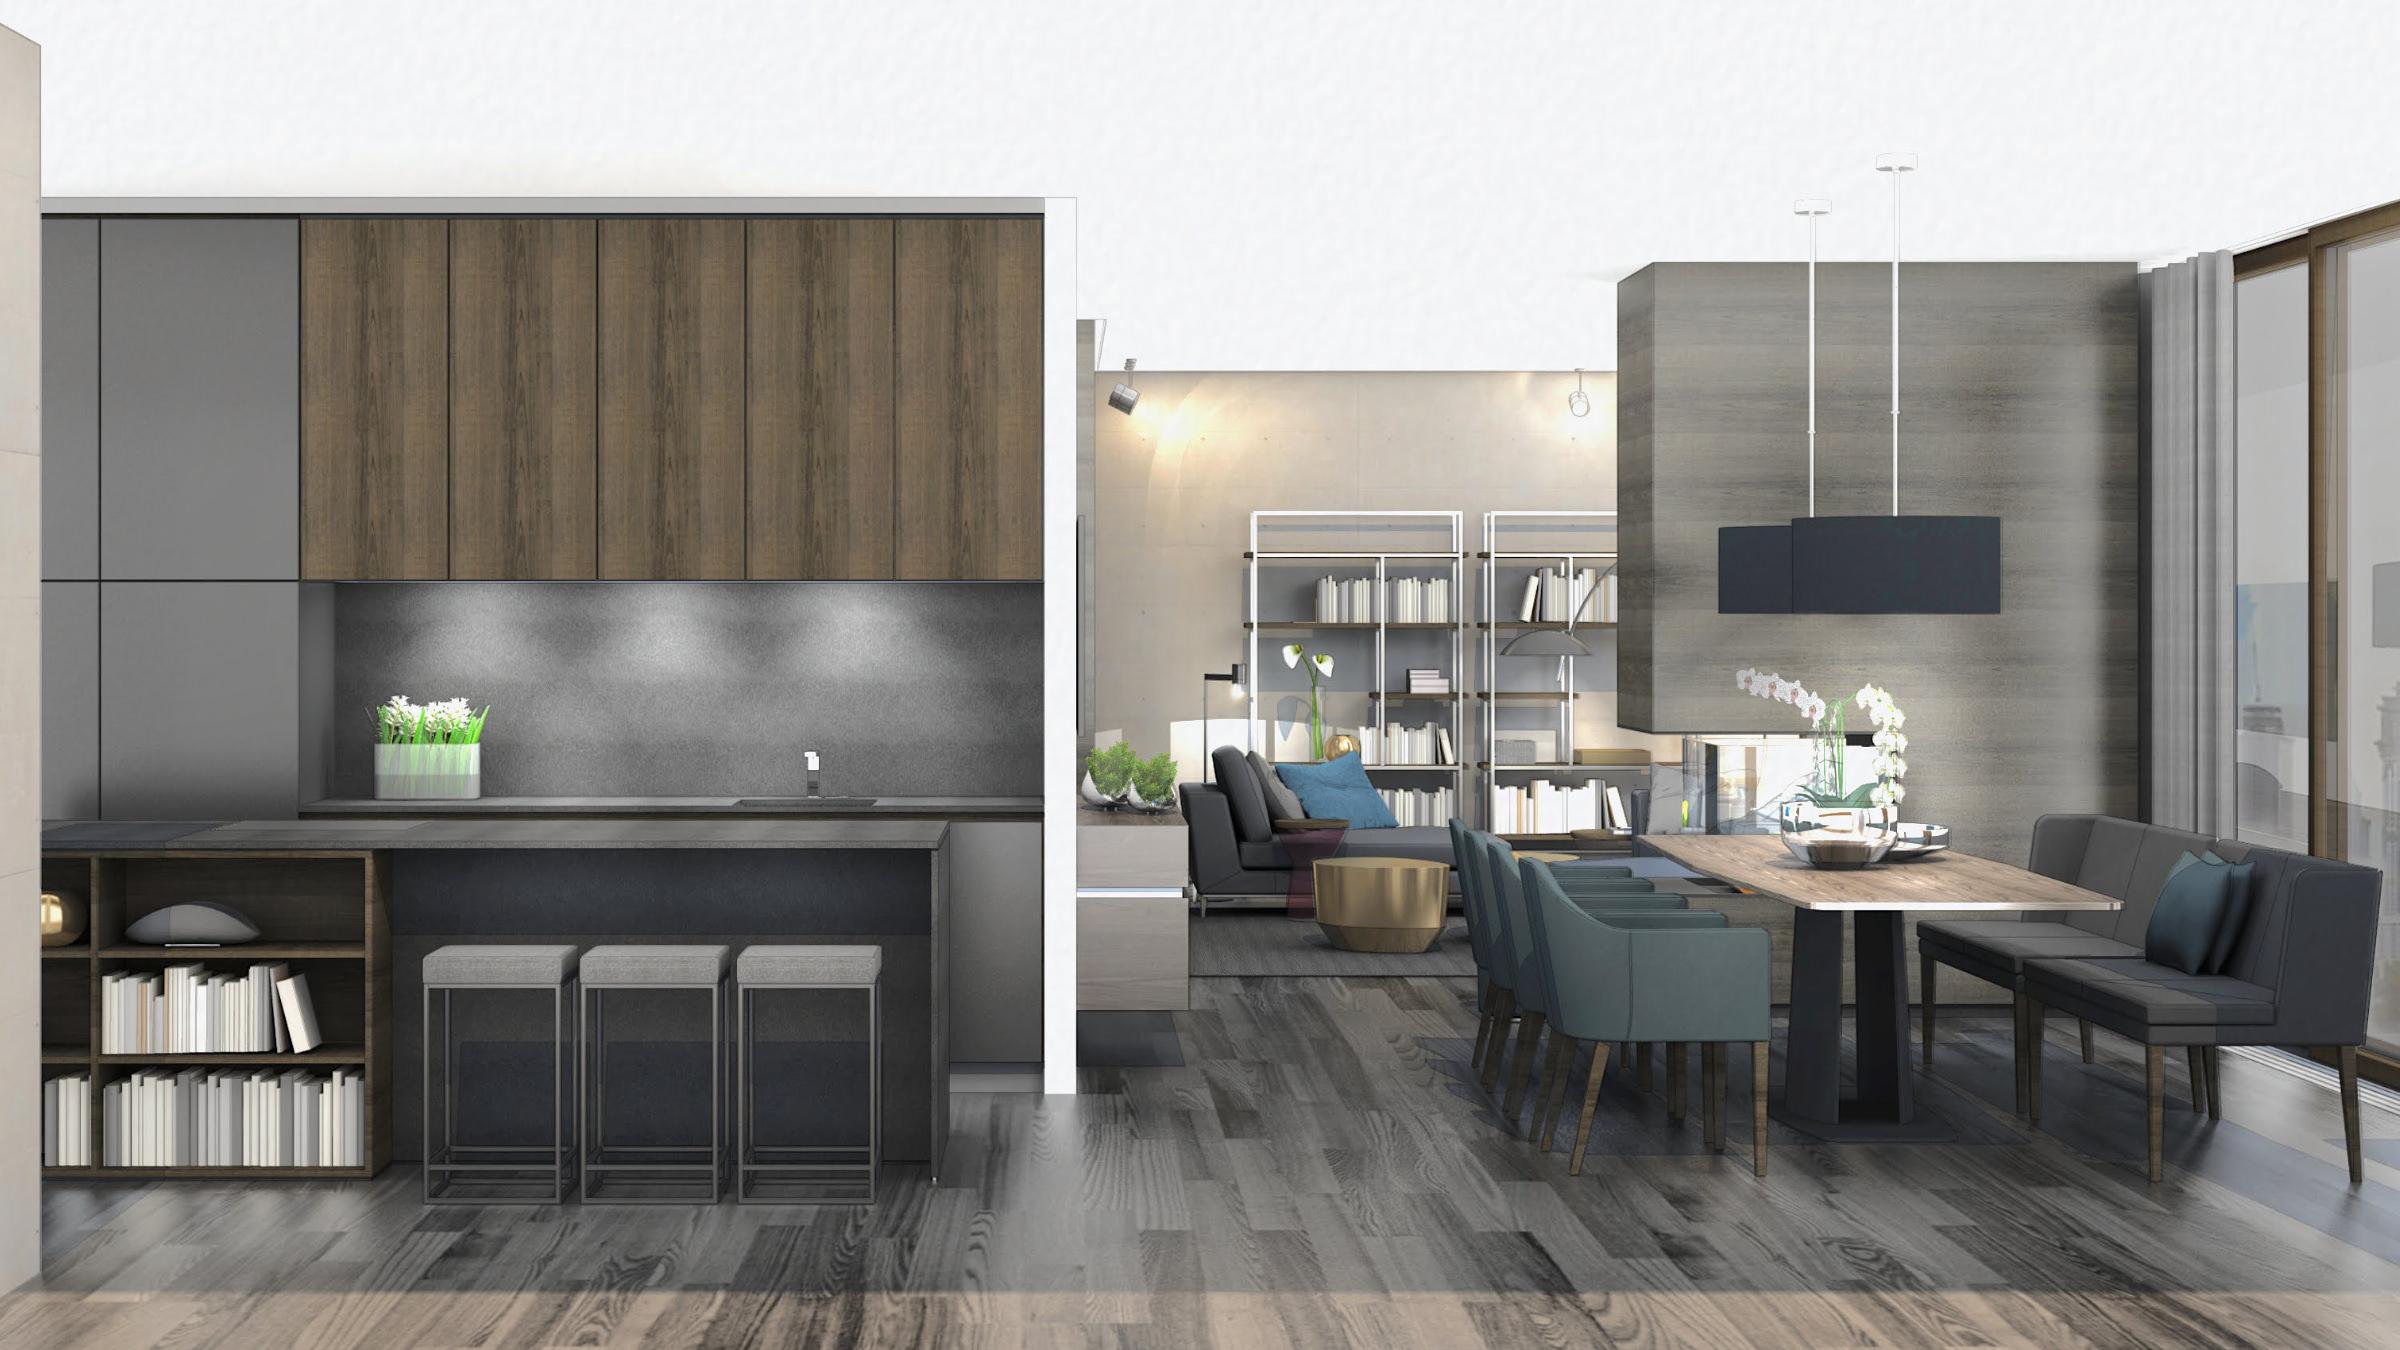 3D Interior Design for Mono Brand Store